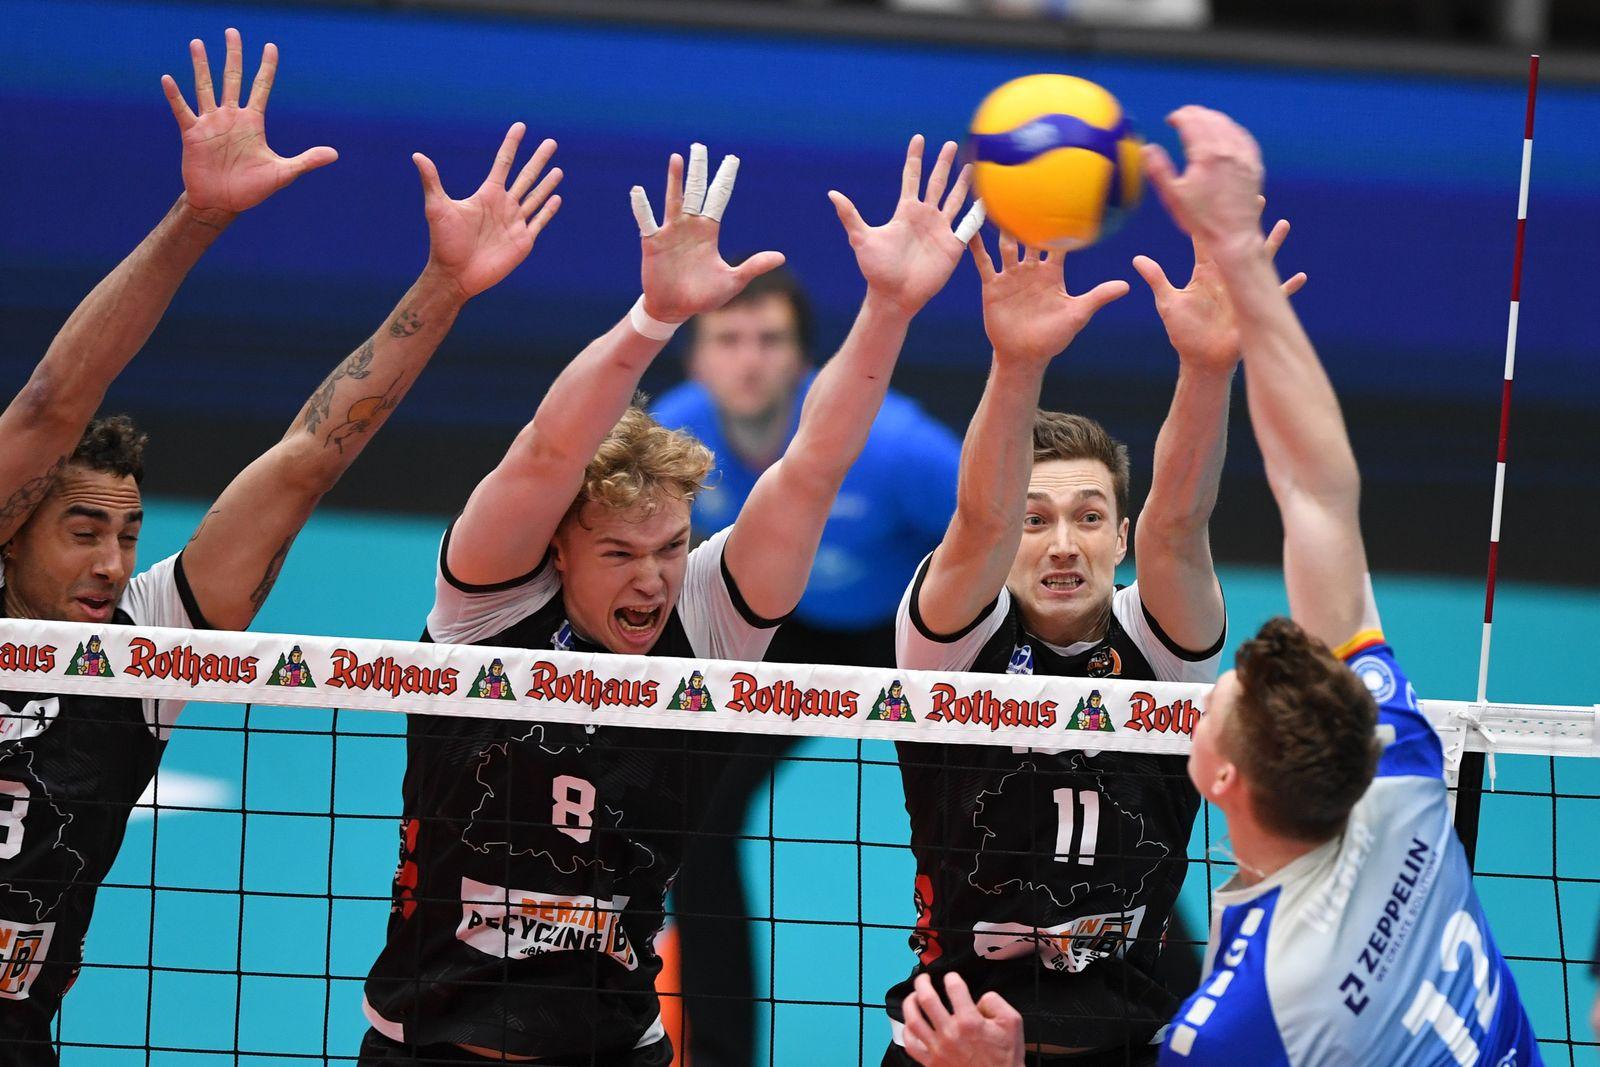 VfB Friedrichshafen - Berlin Volleys